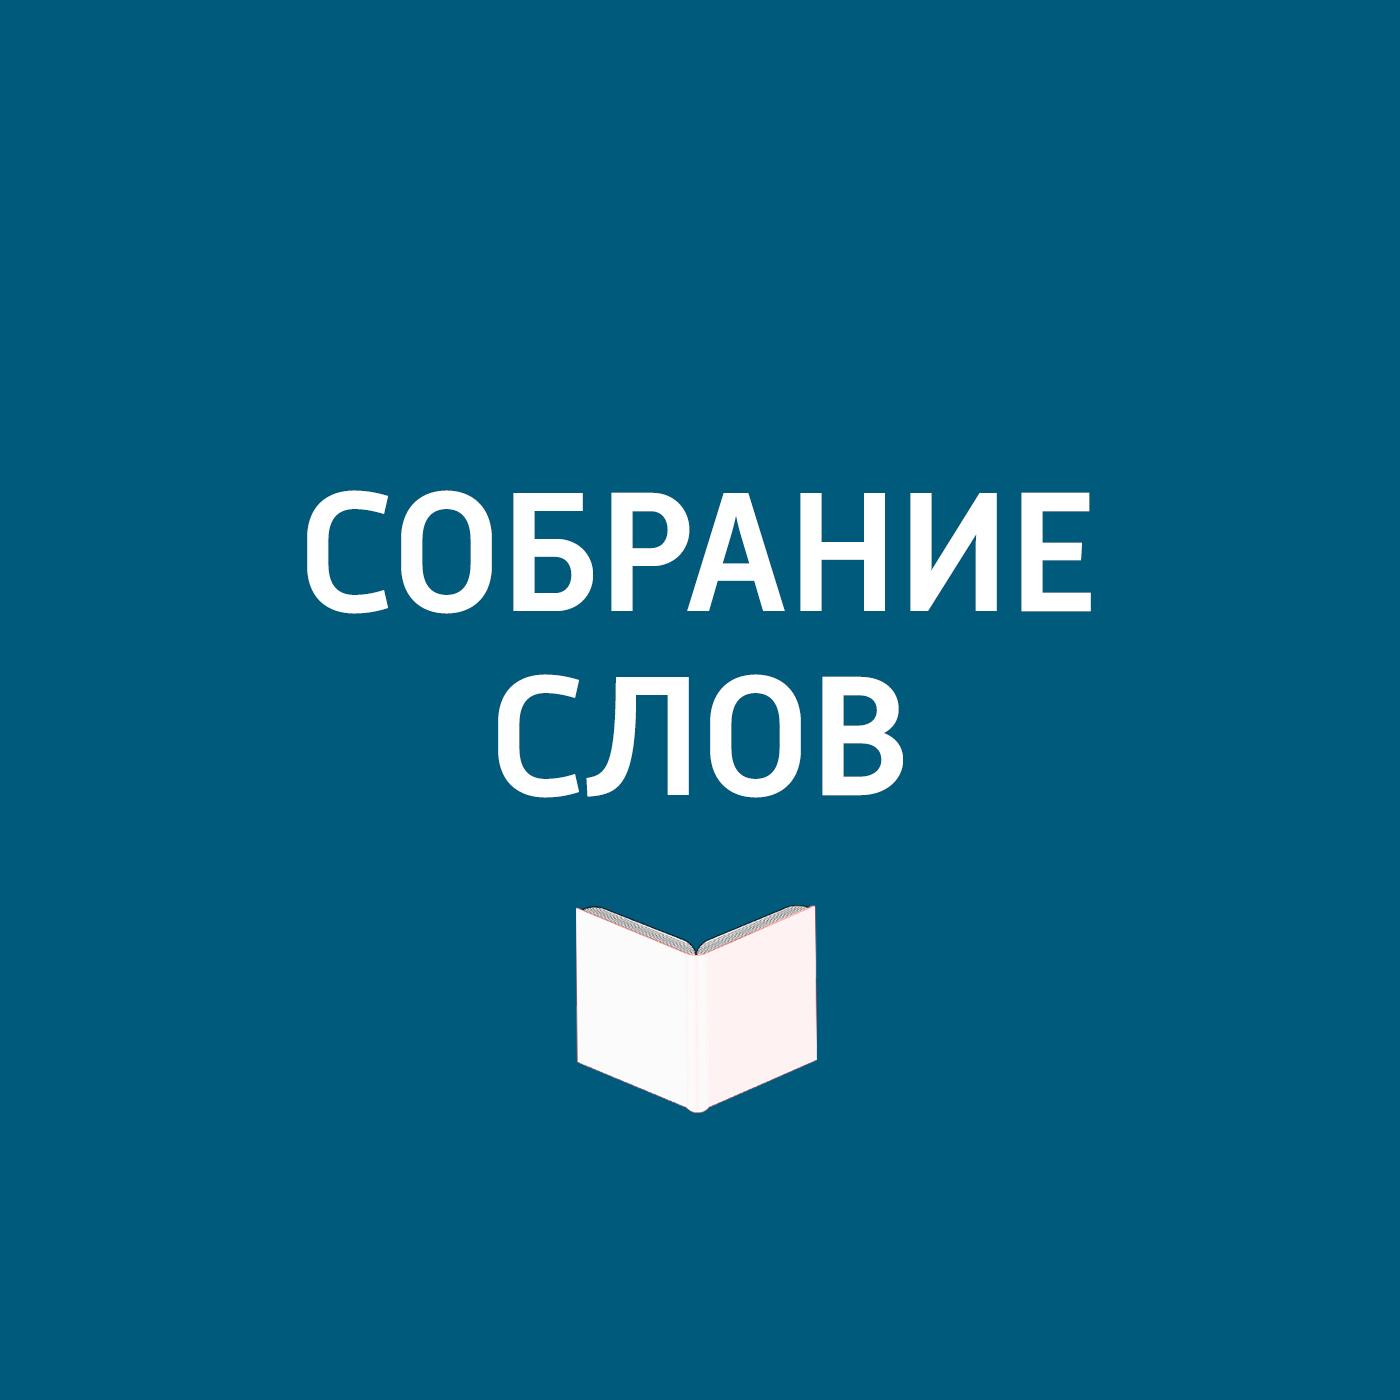 Творческий коллектив программы «Собрание слов» Русскому предпринимателю и меценату Савве Мамонтову - 175 лет!